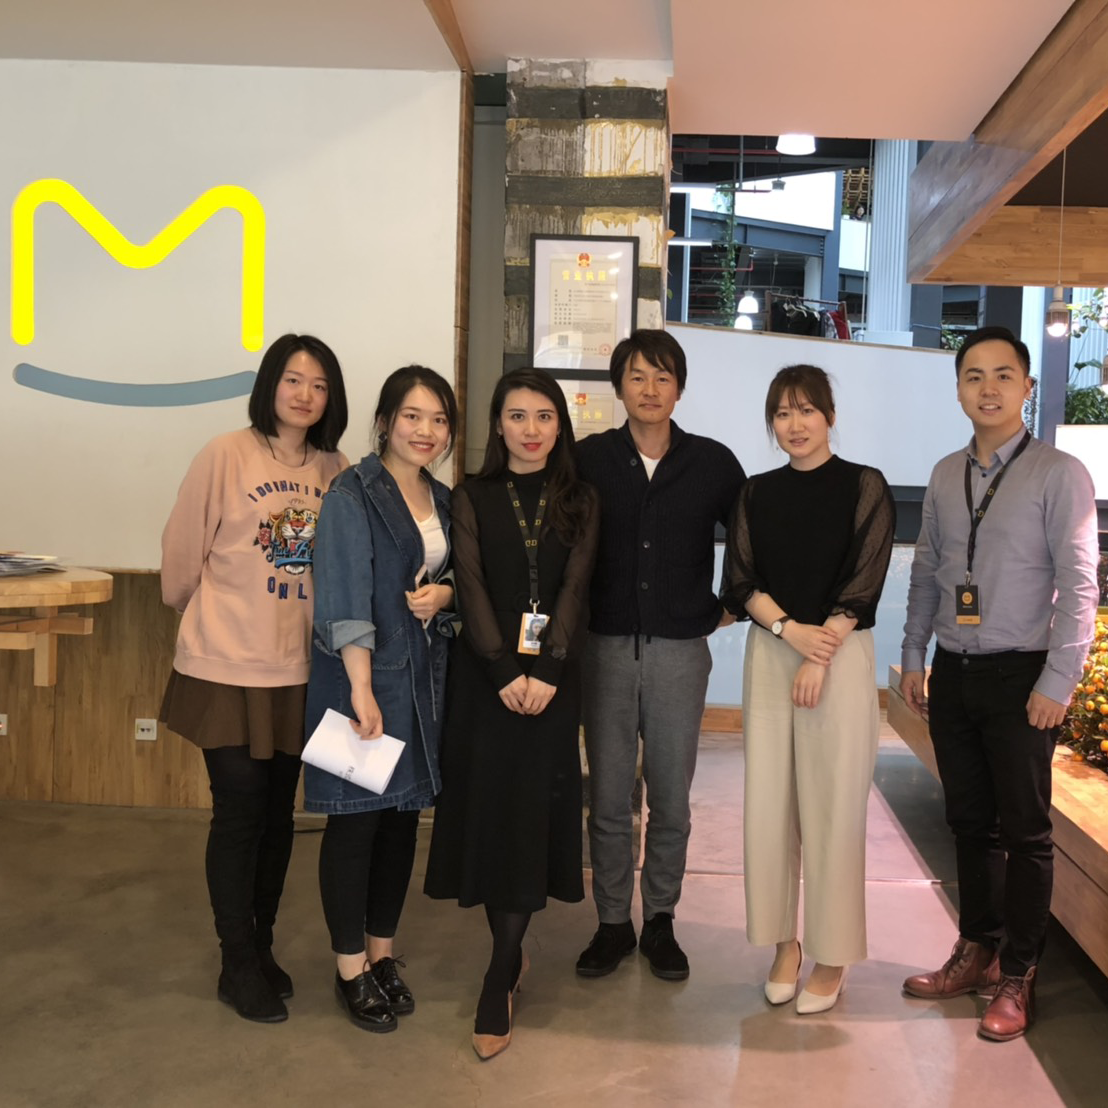 中国・北京にてマーフォンウォー社を訪問するBeA社員